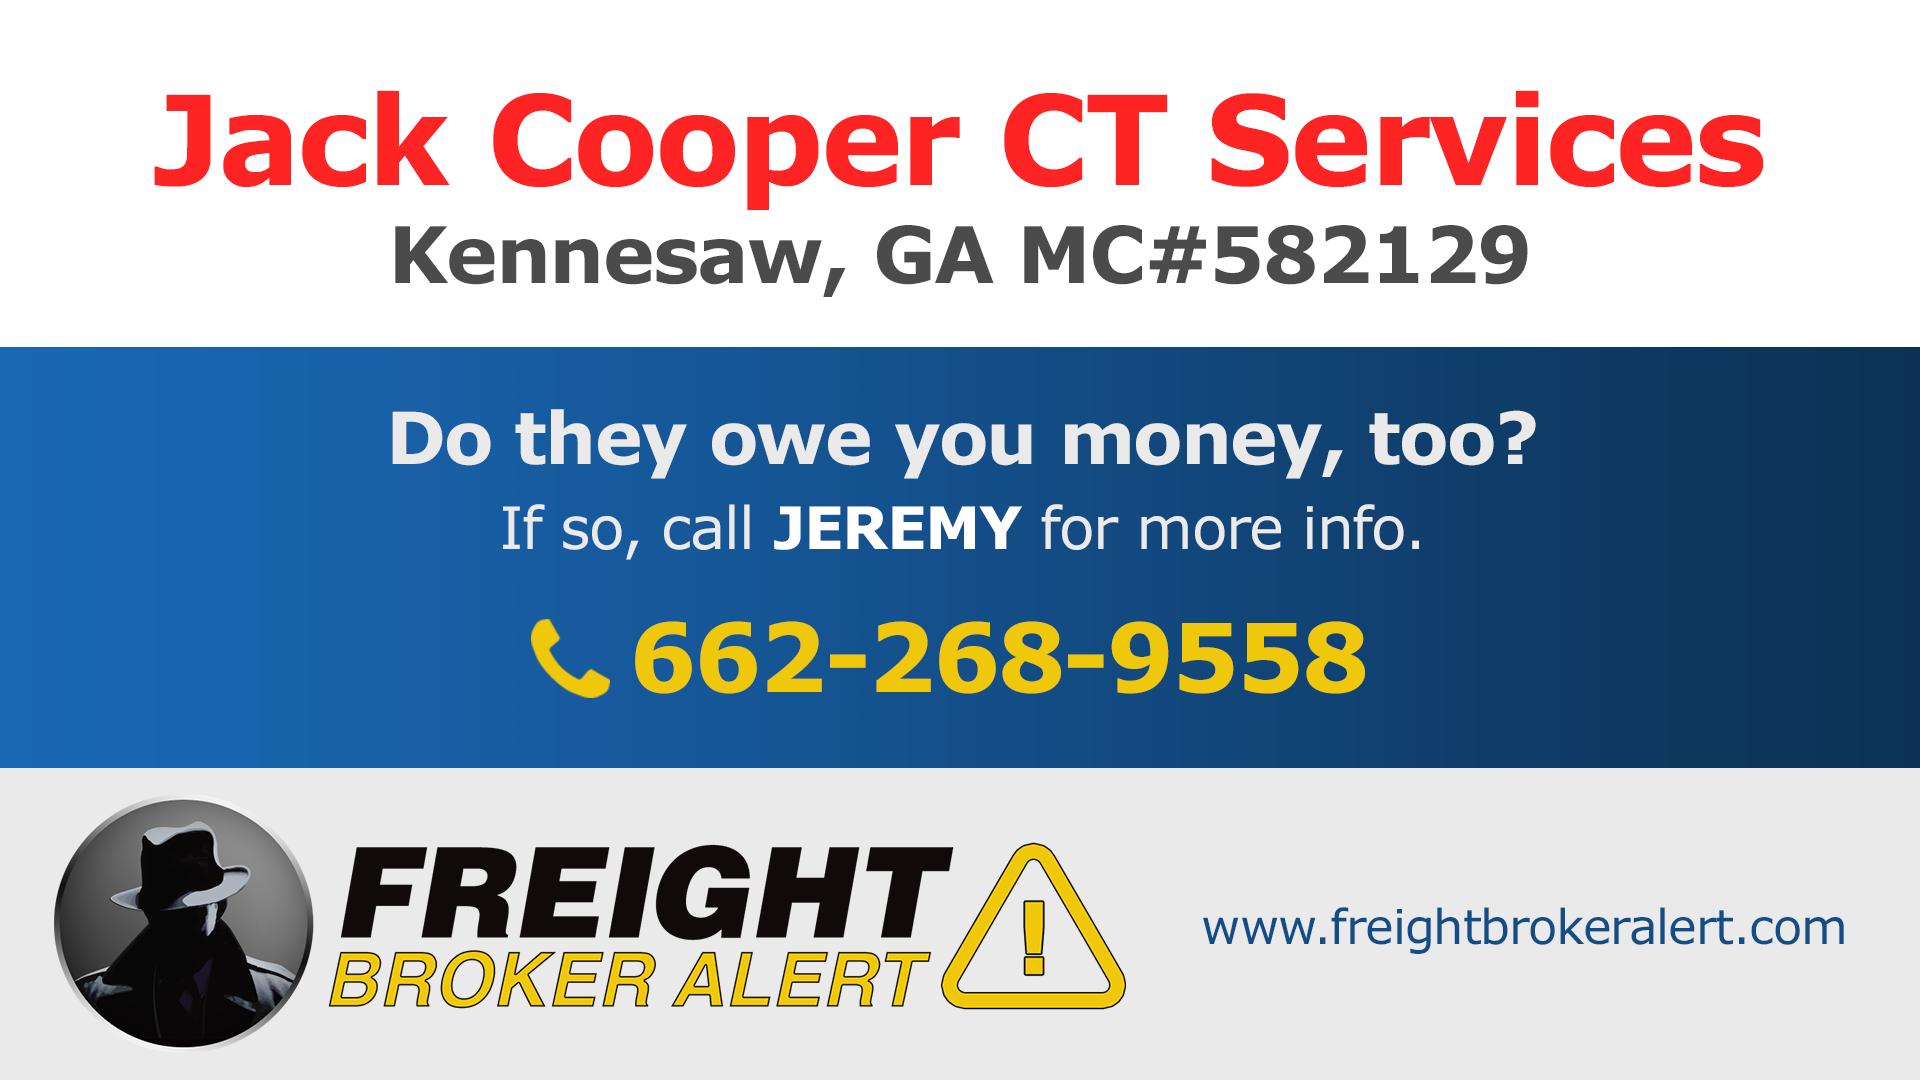 Jack Cooper CT Services Inc Georgia